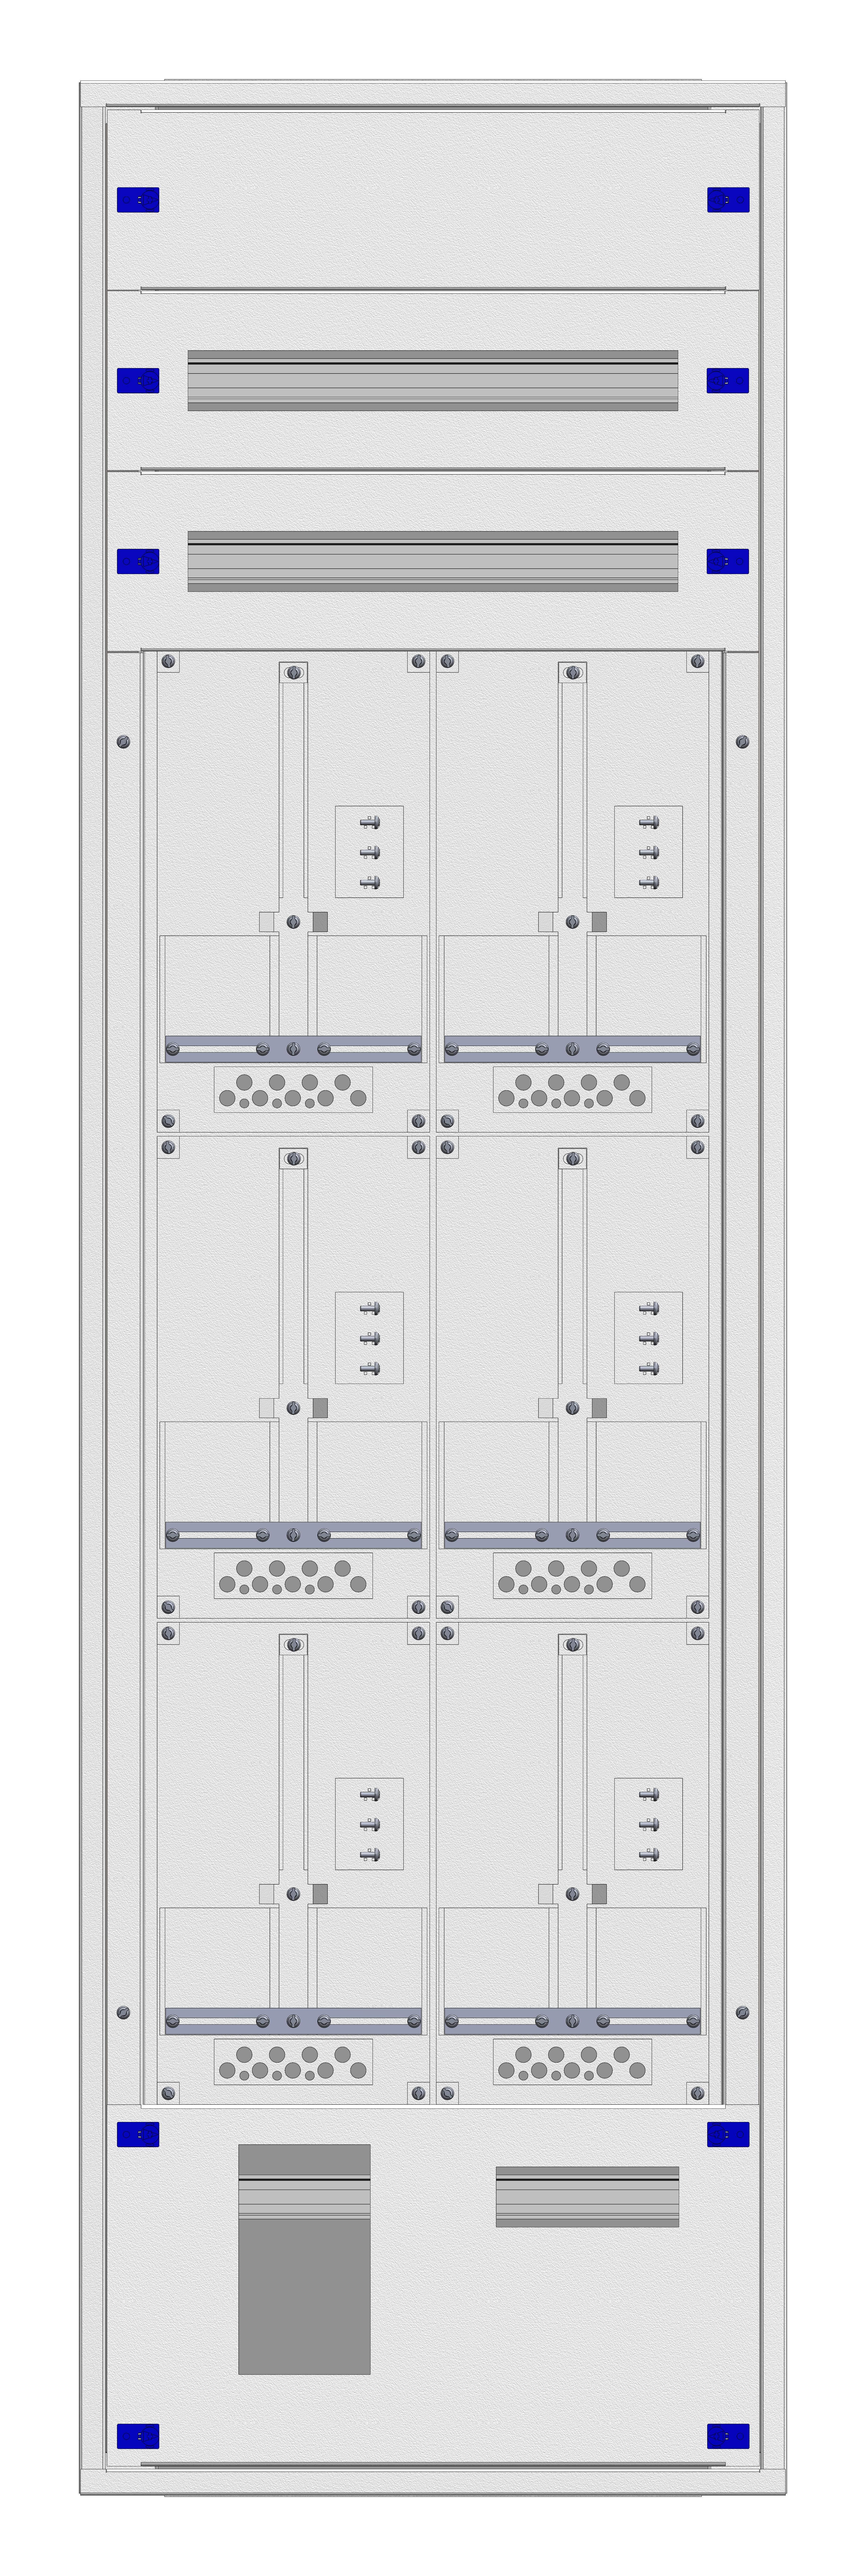 1 Stk Masken-Zählerverteiler 2M-39M/SBG 6ZP, H1855B540T200mm IL122239SS